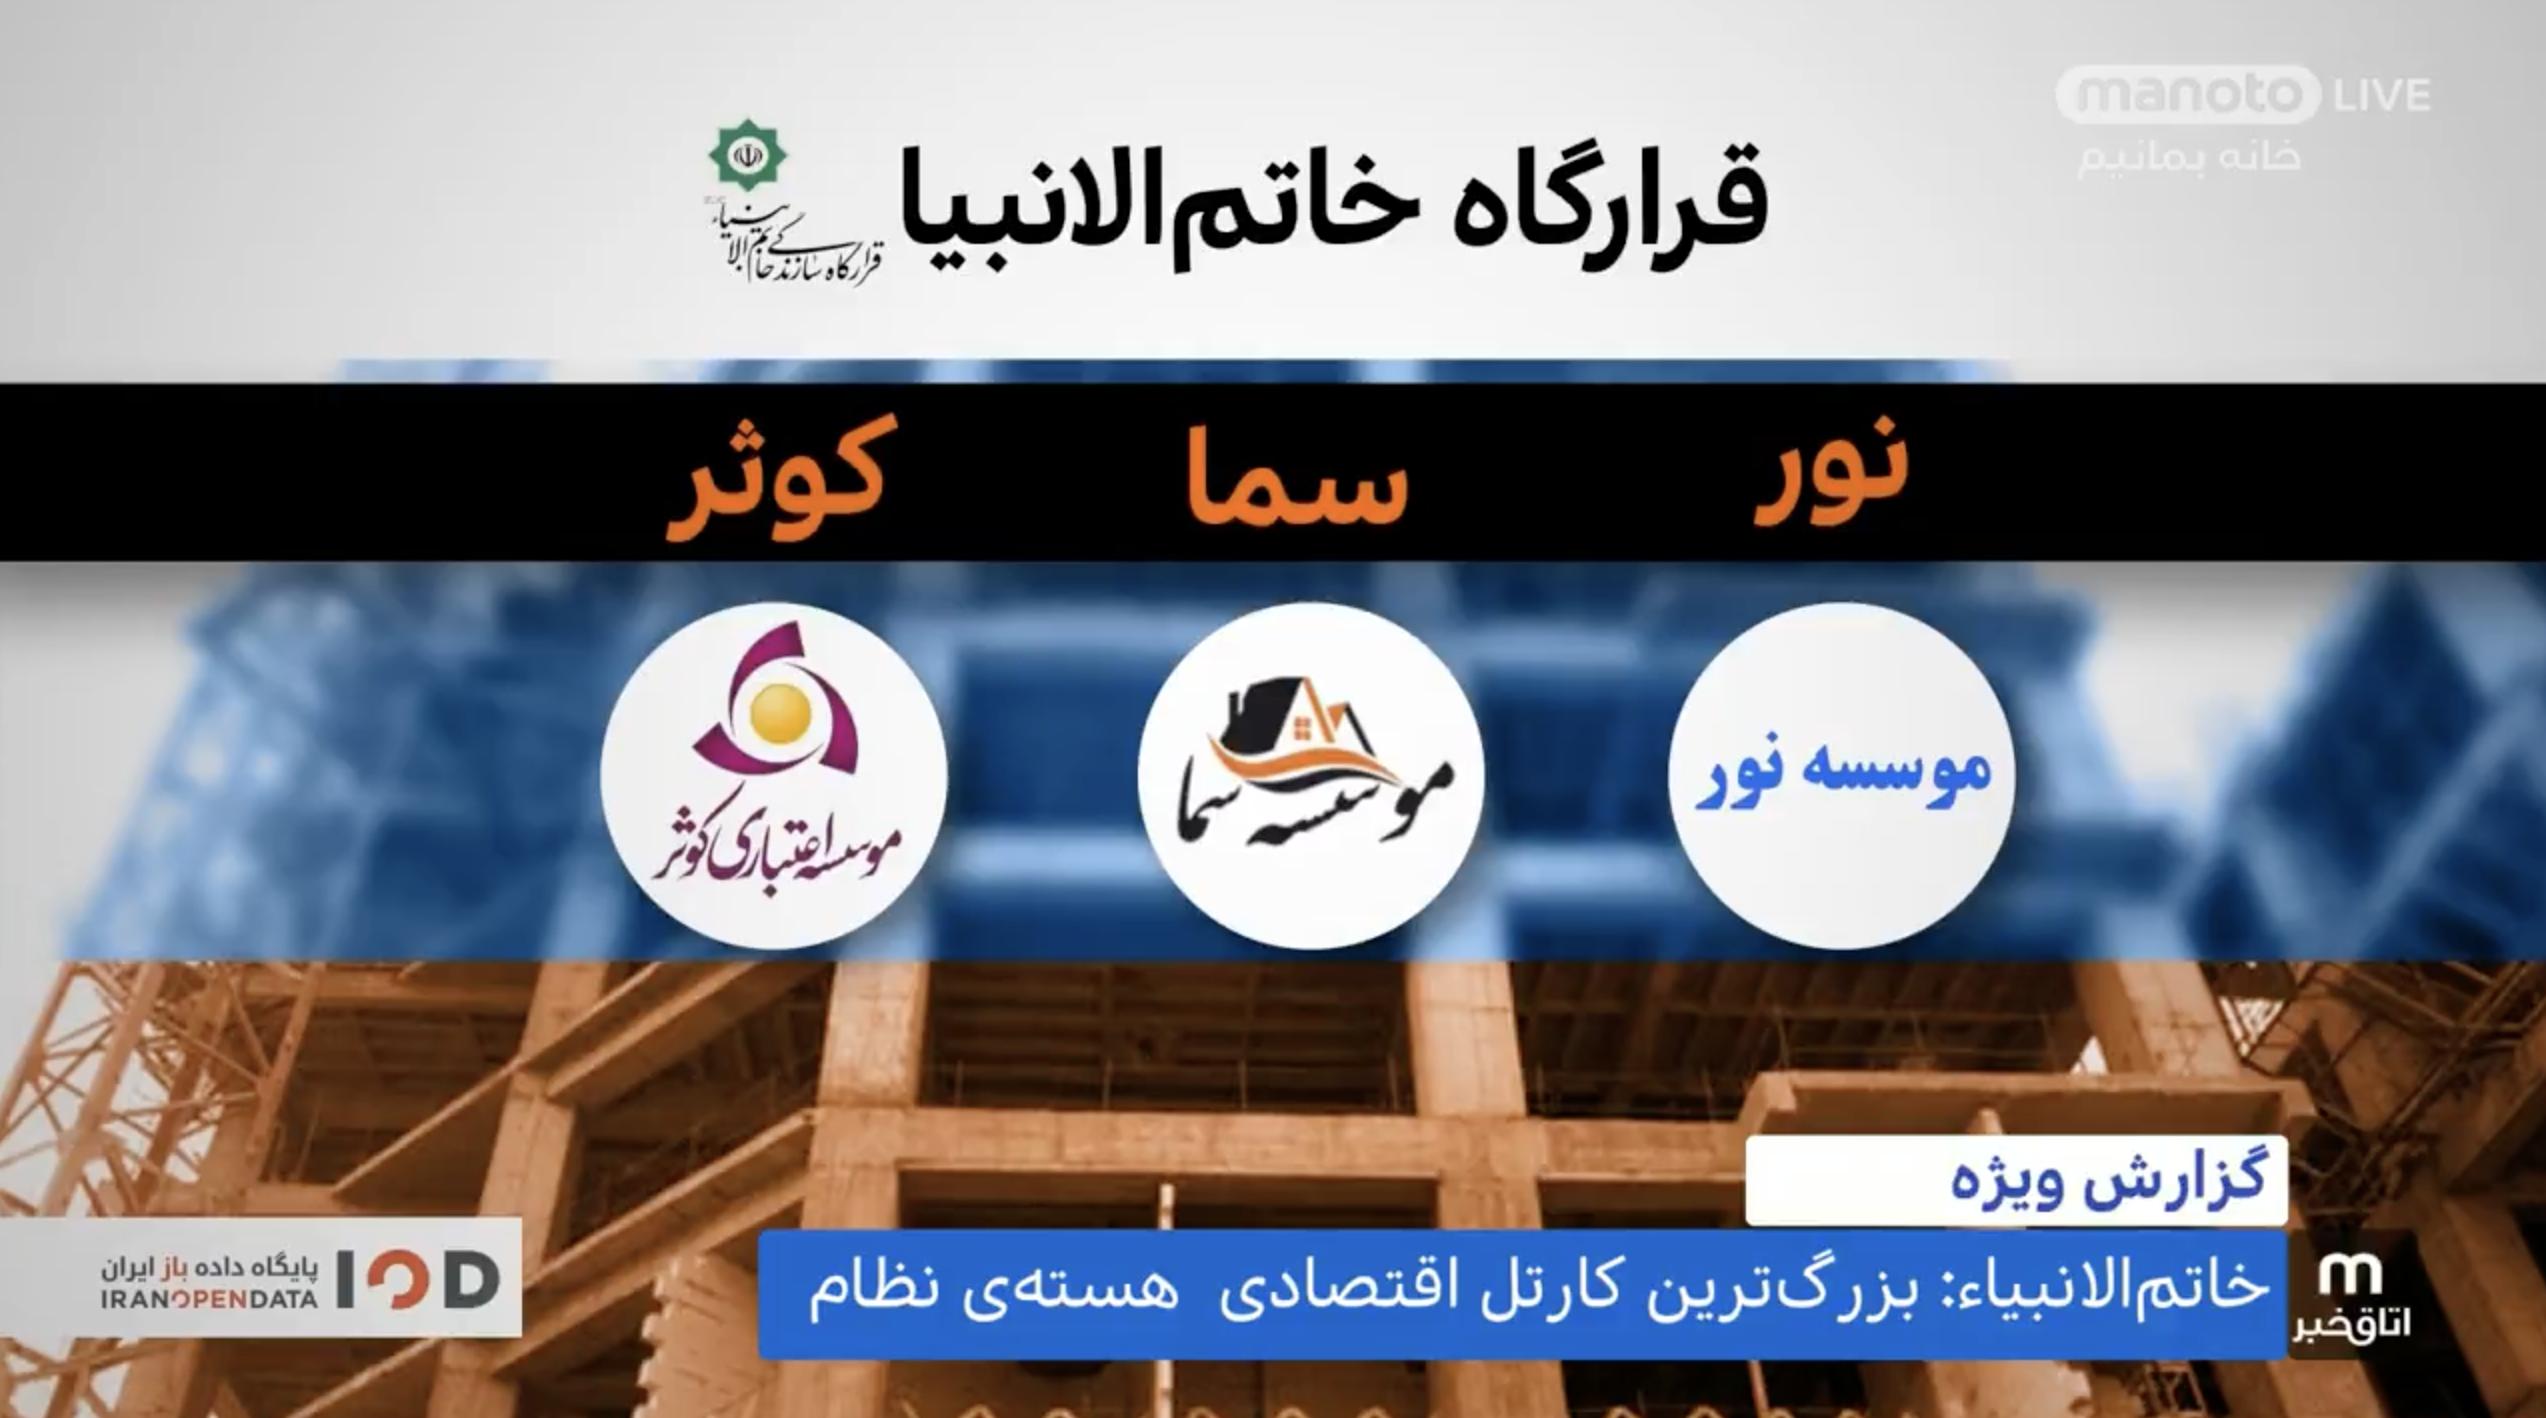 بازوی مزایده غول اقتصادی وابسته به علی خامنهای